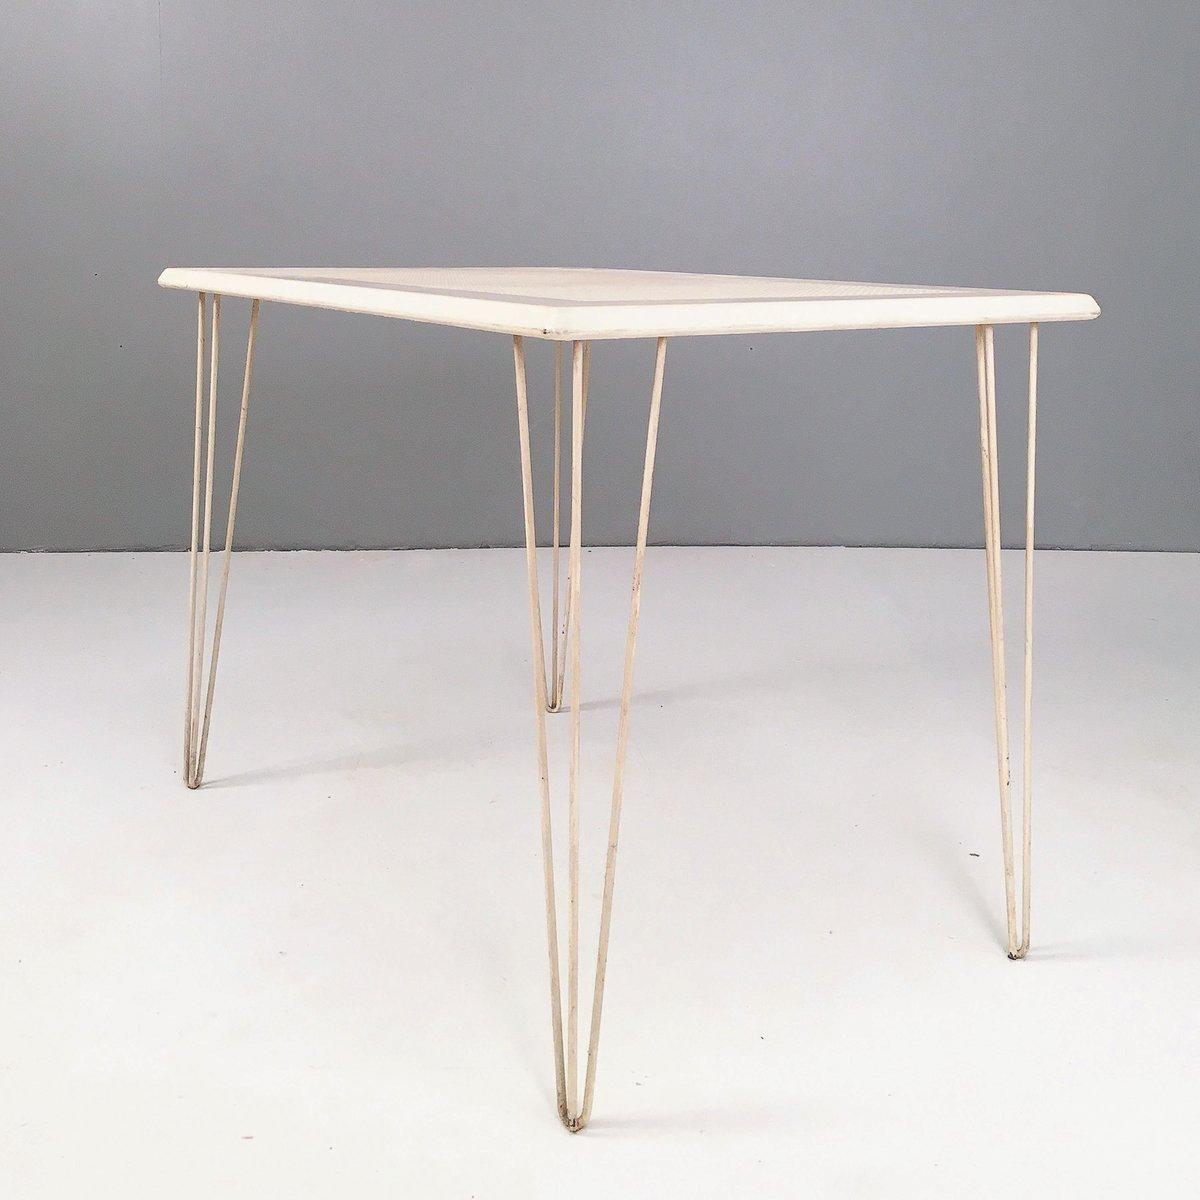 Tavoli Da Giardino In Metallo.Tavolo Da Giardino Modernista In Metallo Anni 50 In Vendita Su Pamono